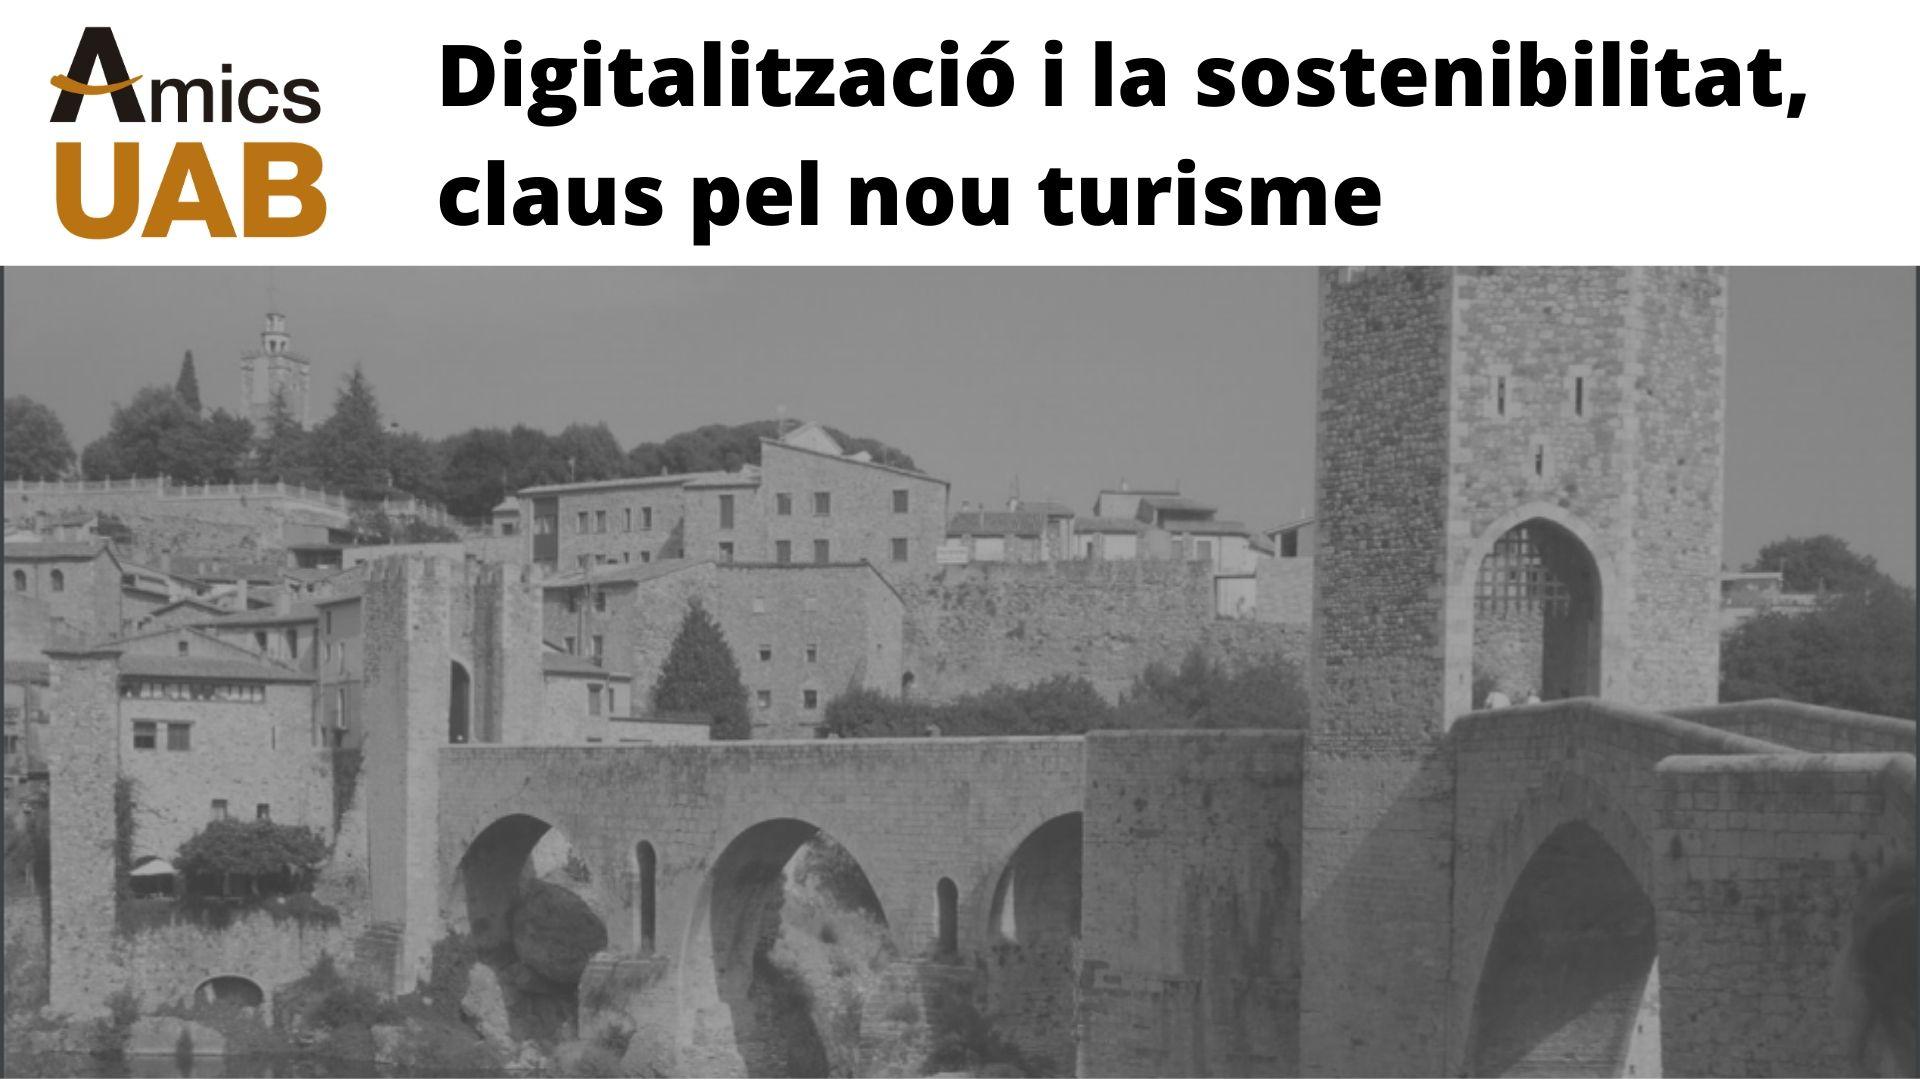 Digitalització